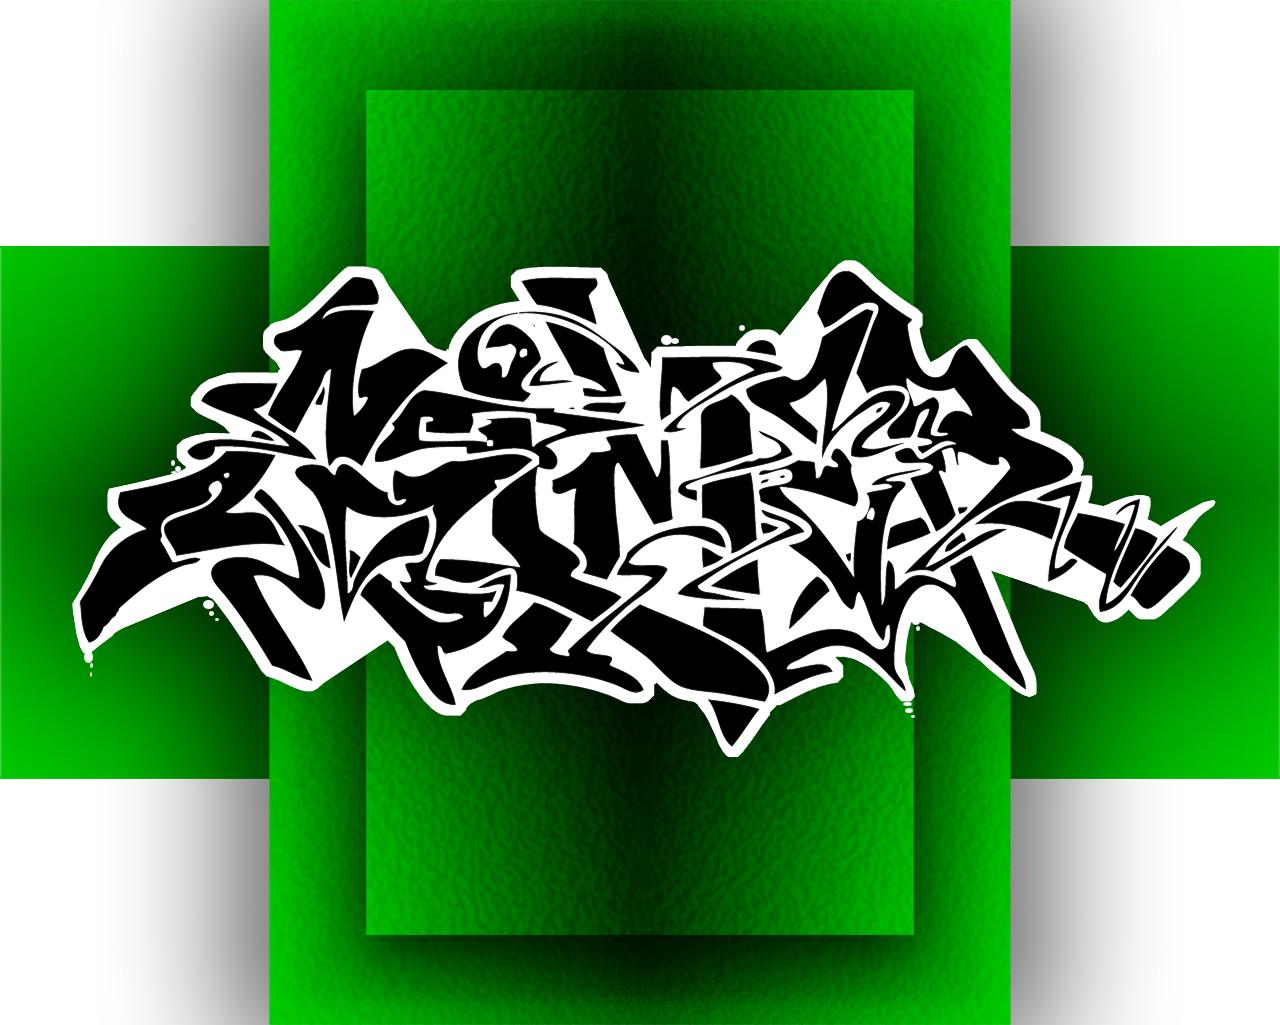 http://3.bp.blogspot.com/-Prr5uc7Mq2A/Tnlng7pU4MI/AAAAAAAAALE/N_Af5t592Pk/s1600/Alphabet+Graf.jpg